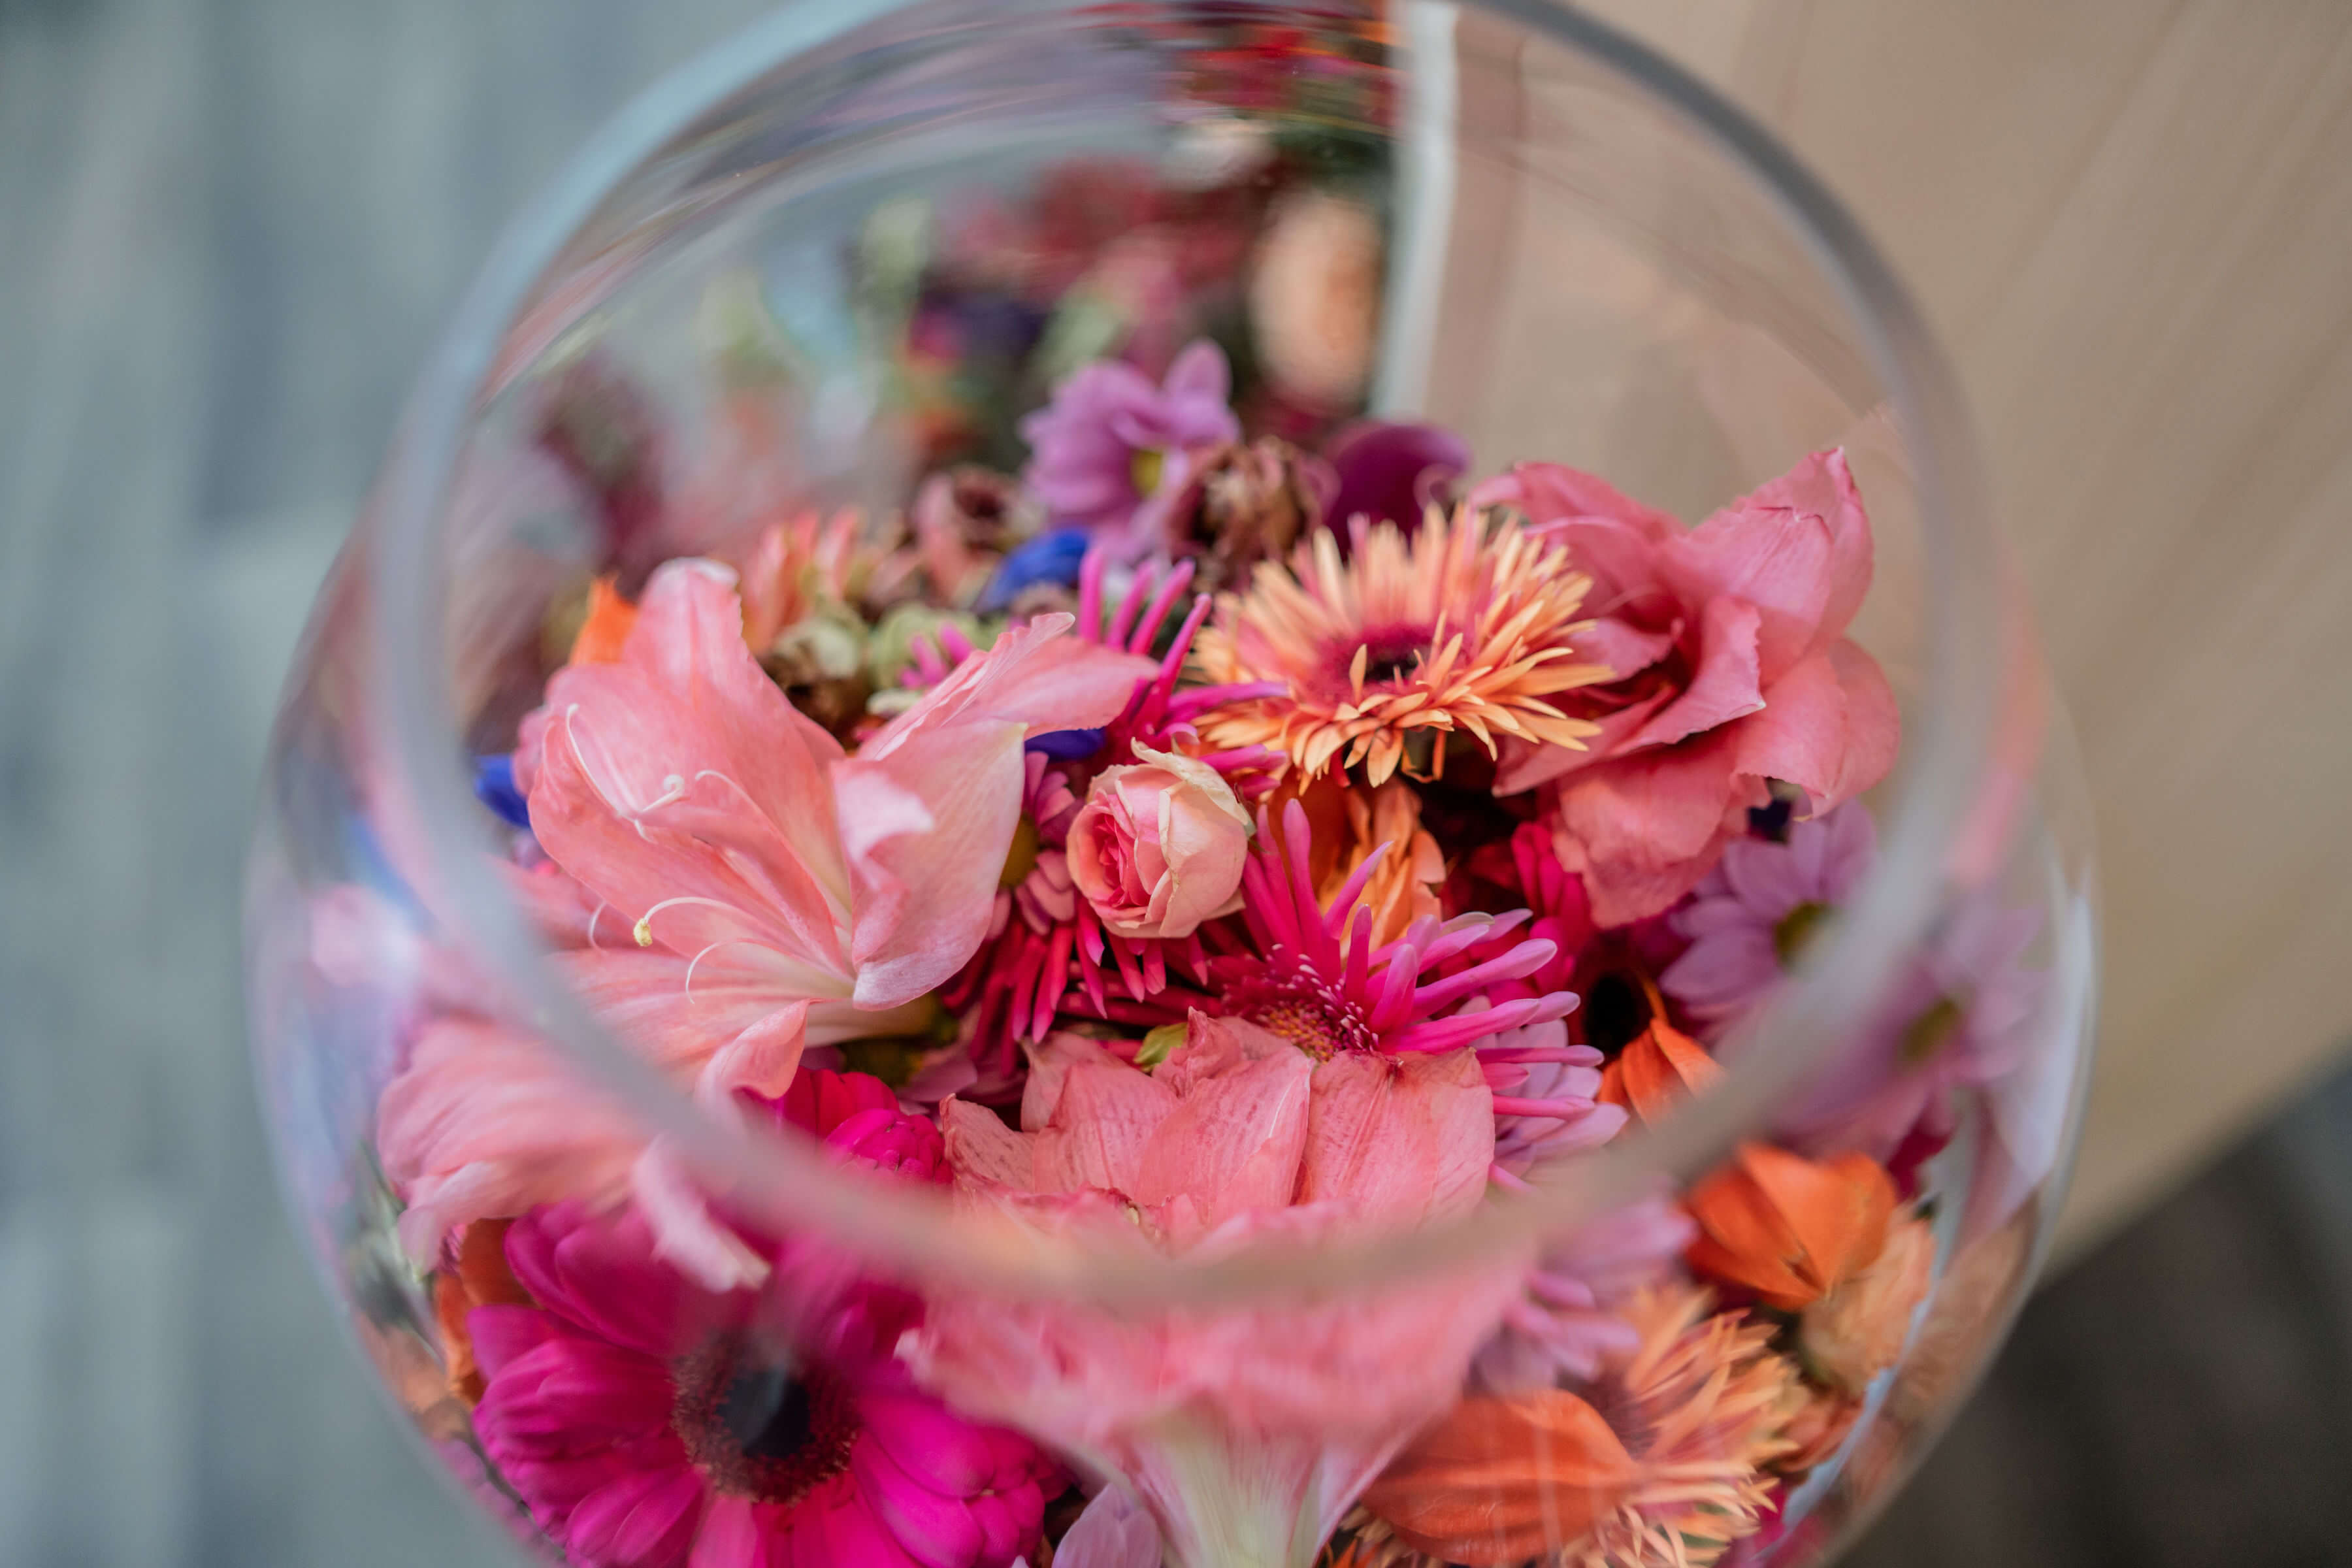 strooi bloemen strooibloemen uitvaart graf